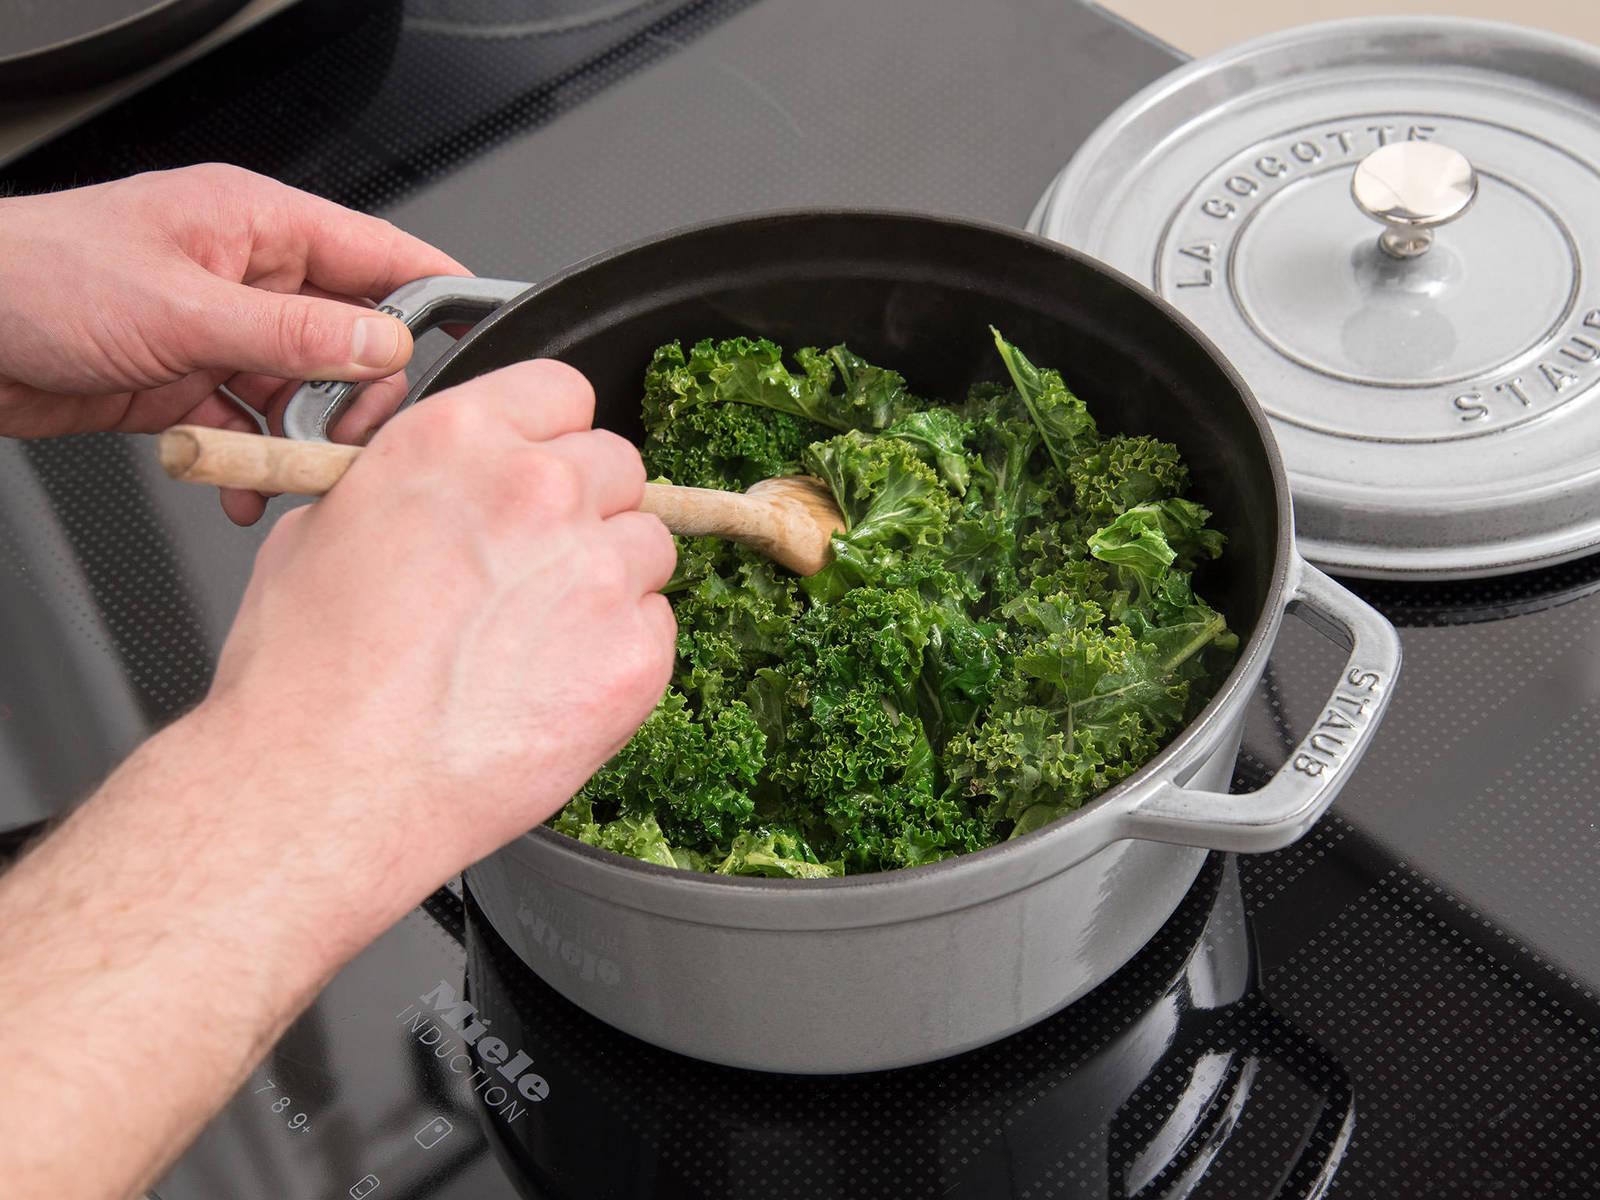 羽衣甘蓝摘叶。中高火在锅中热一些橄榄油。放入羽衣甘蓝,用盐和胡椒调味,炒约8 - 10分钟。